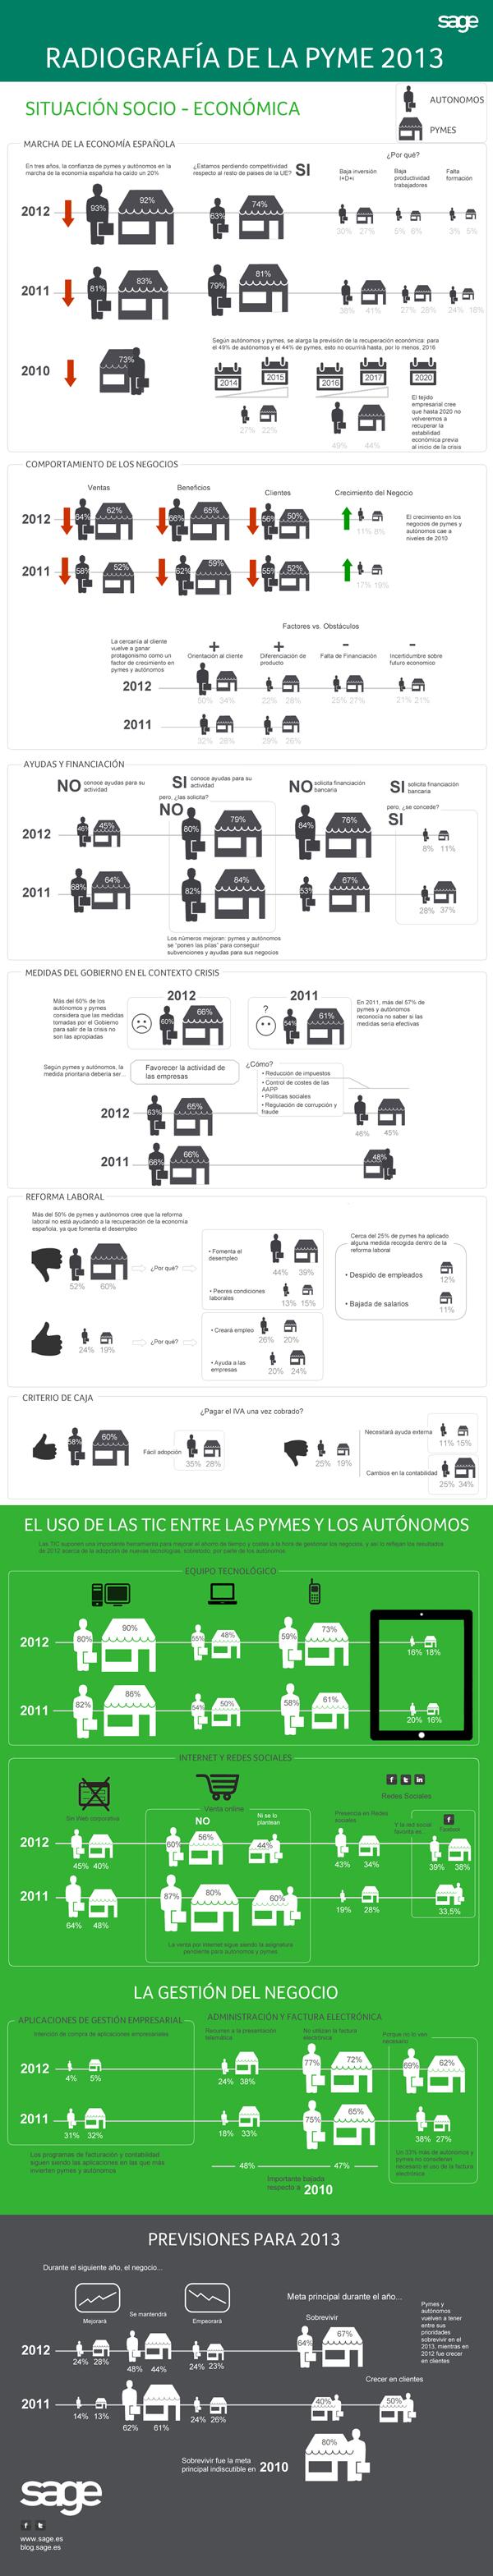 Infografía Radiografía de la Pyme 2013